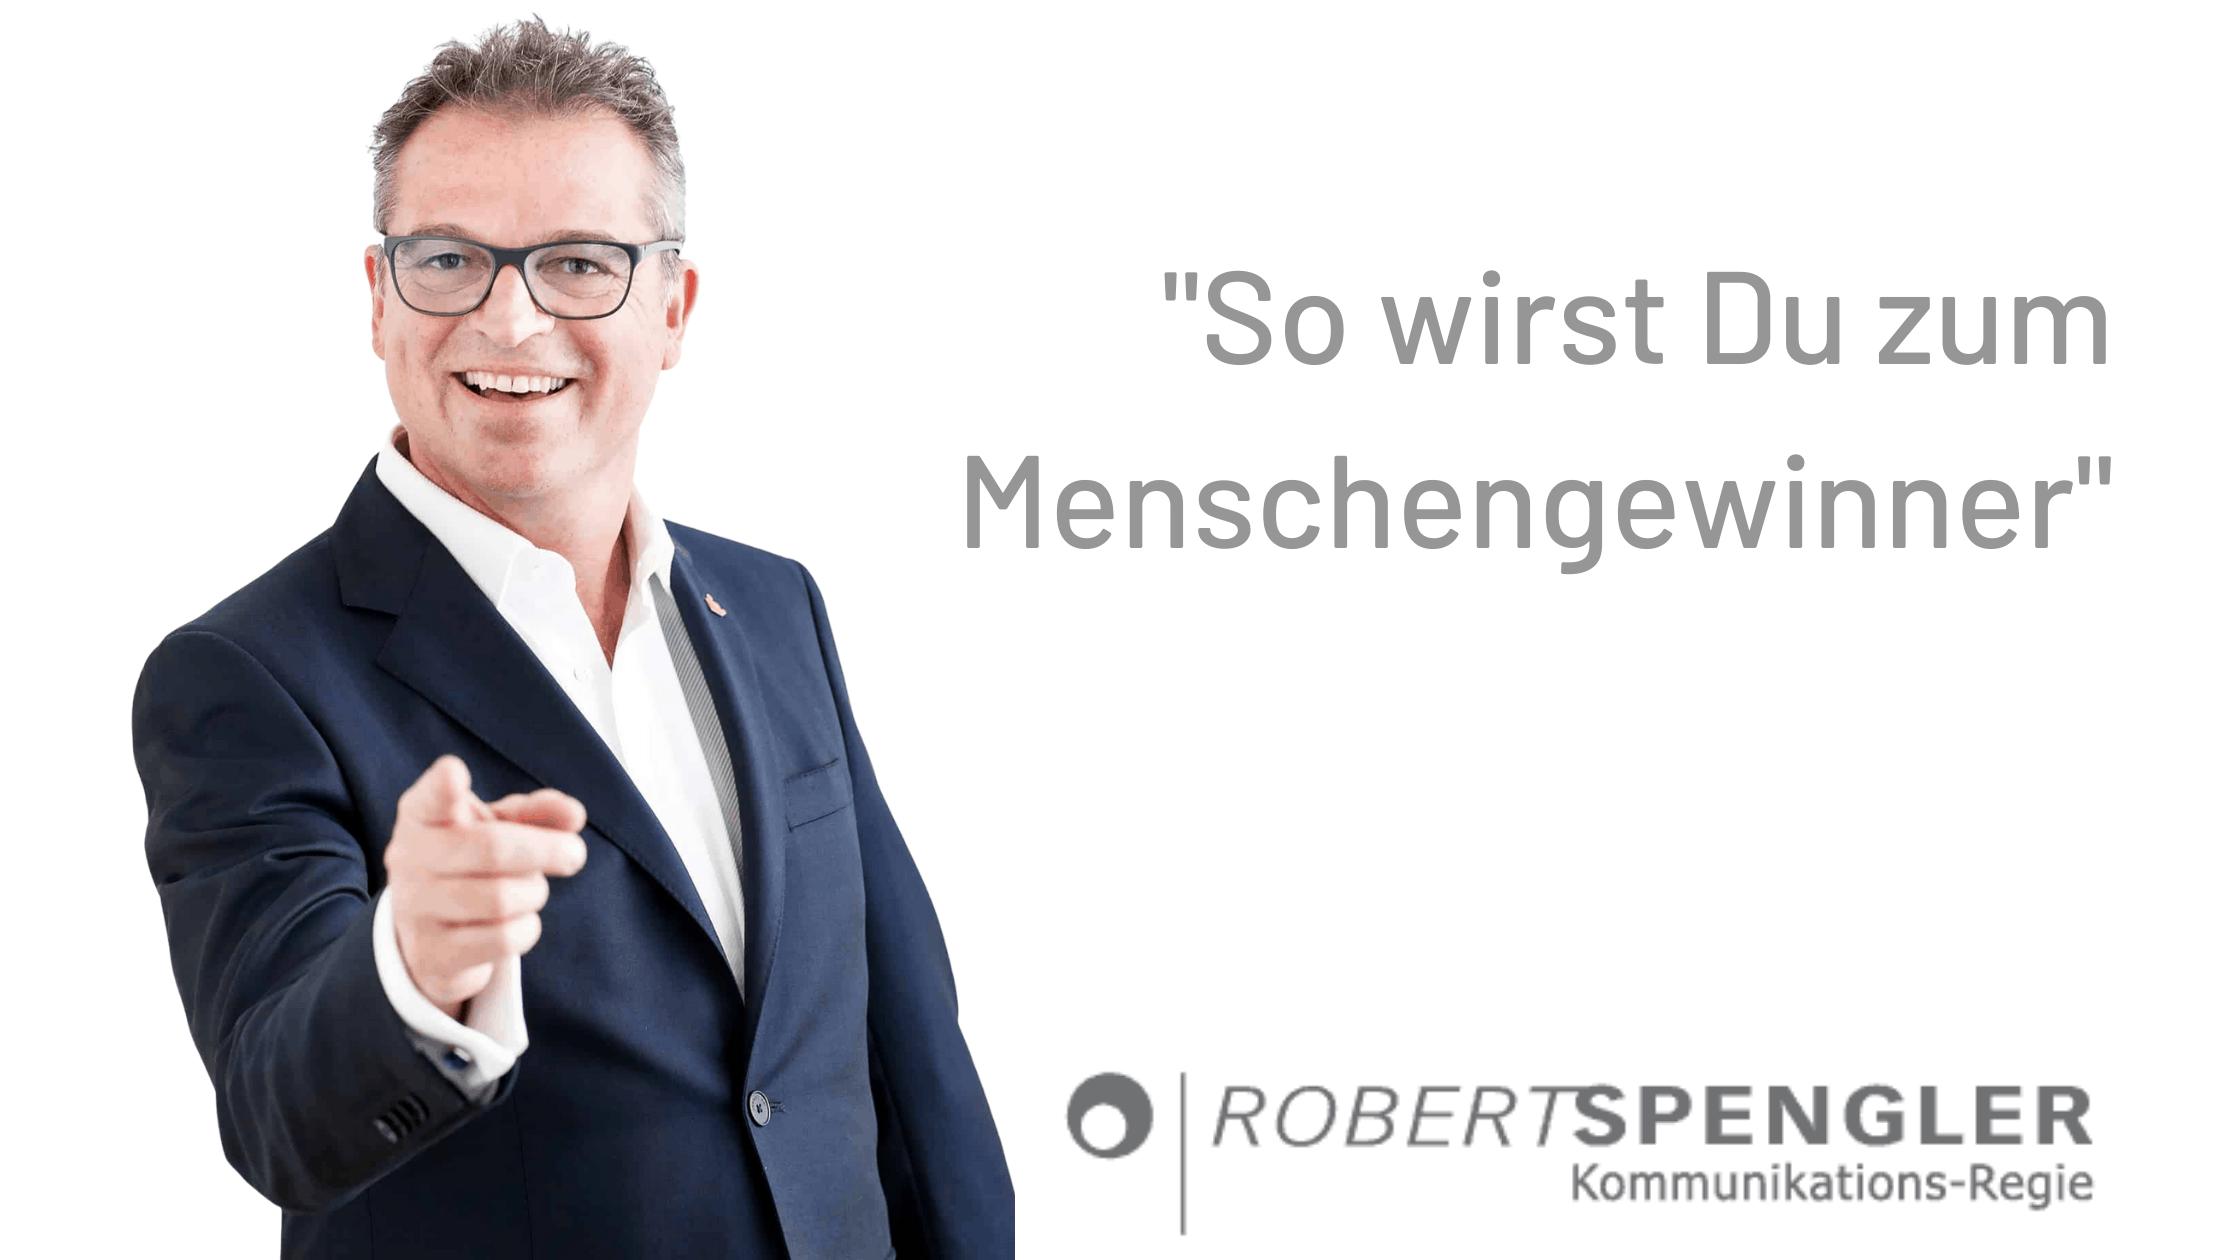 Robert Spengler